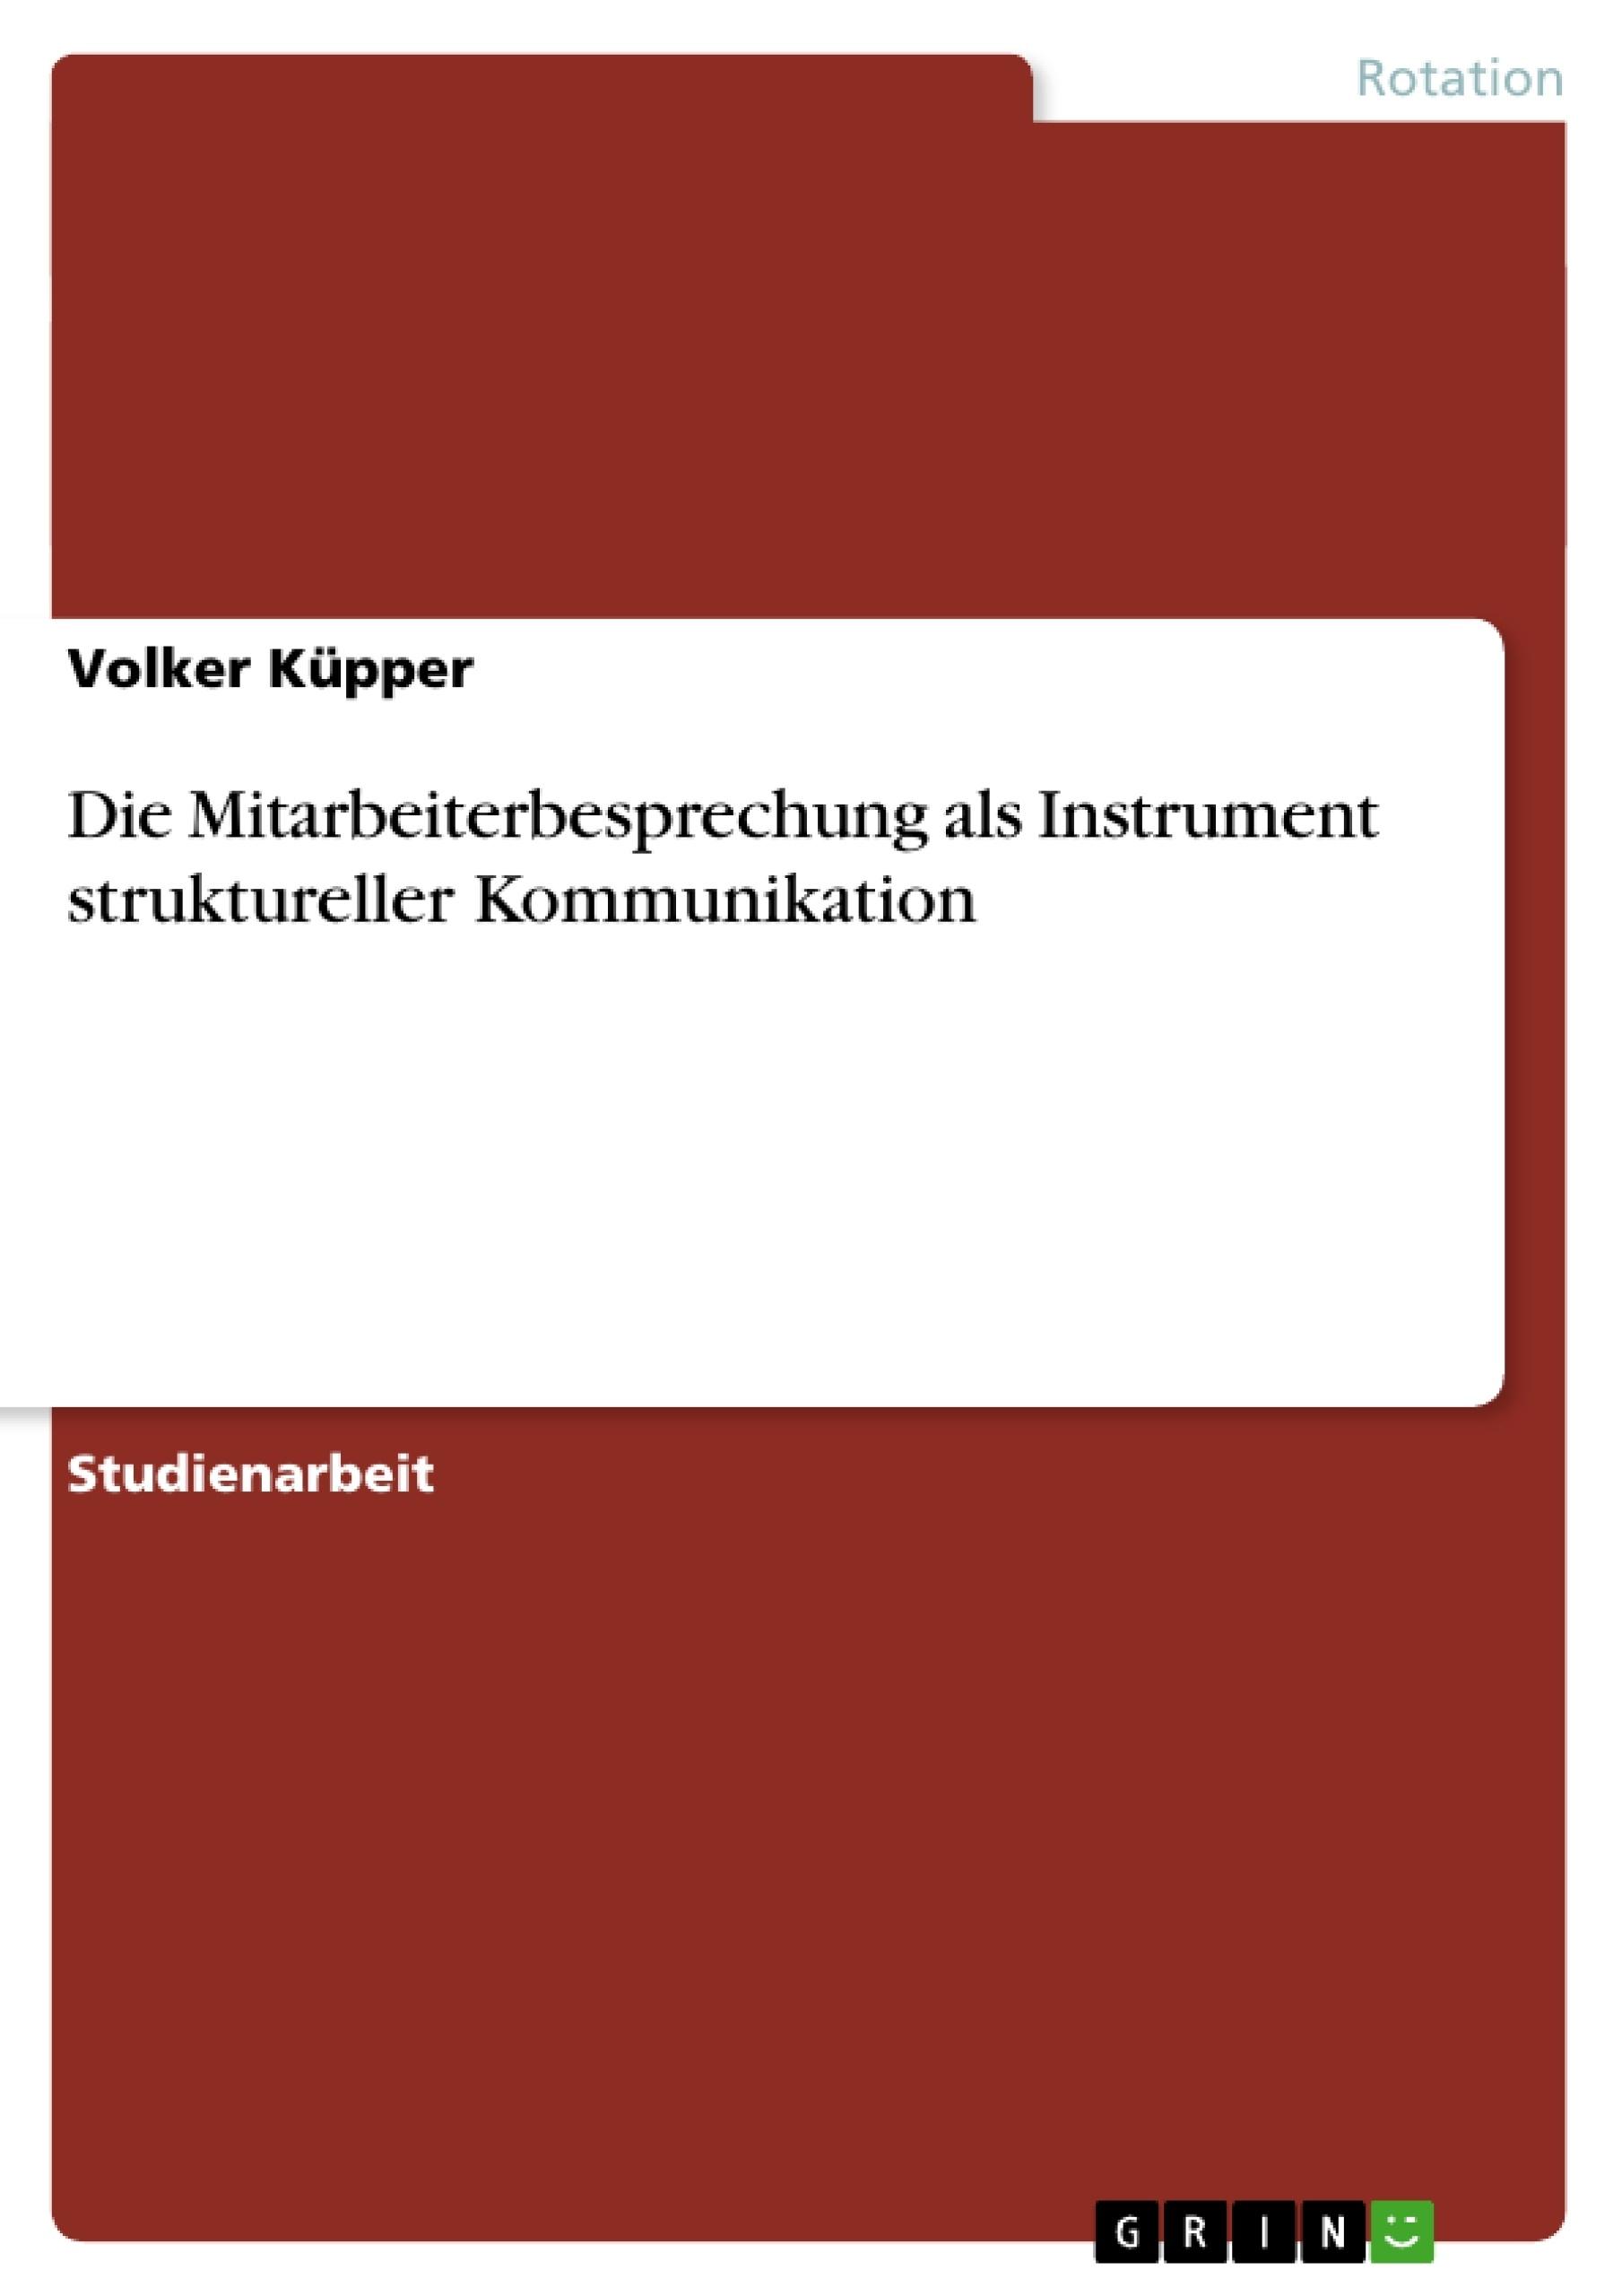 Titel: Die Mitarbeiterbesprechung als Instrument struktureller Kommunikation